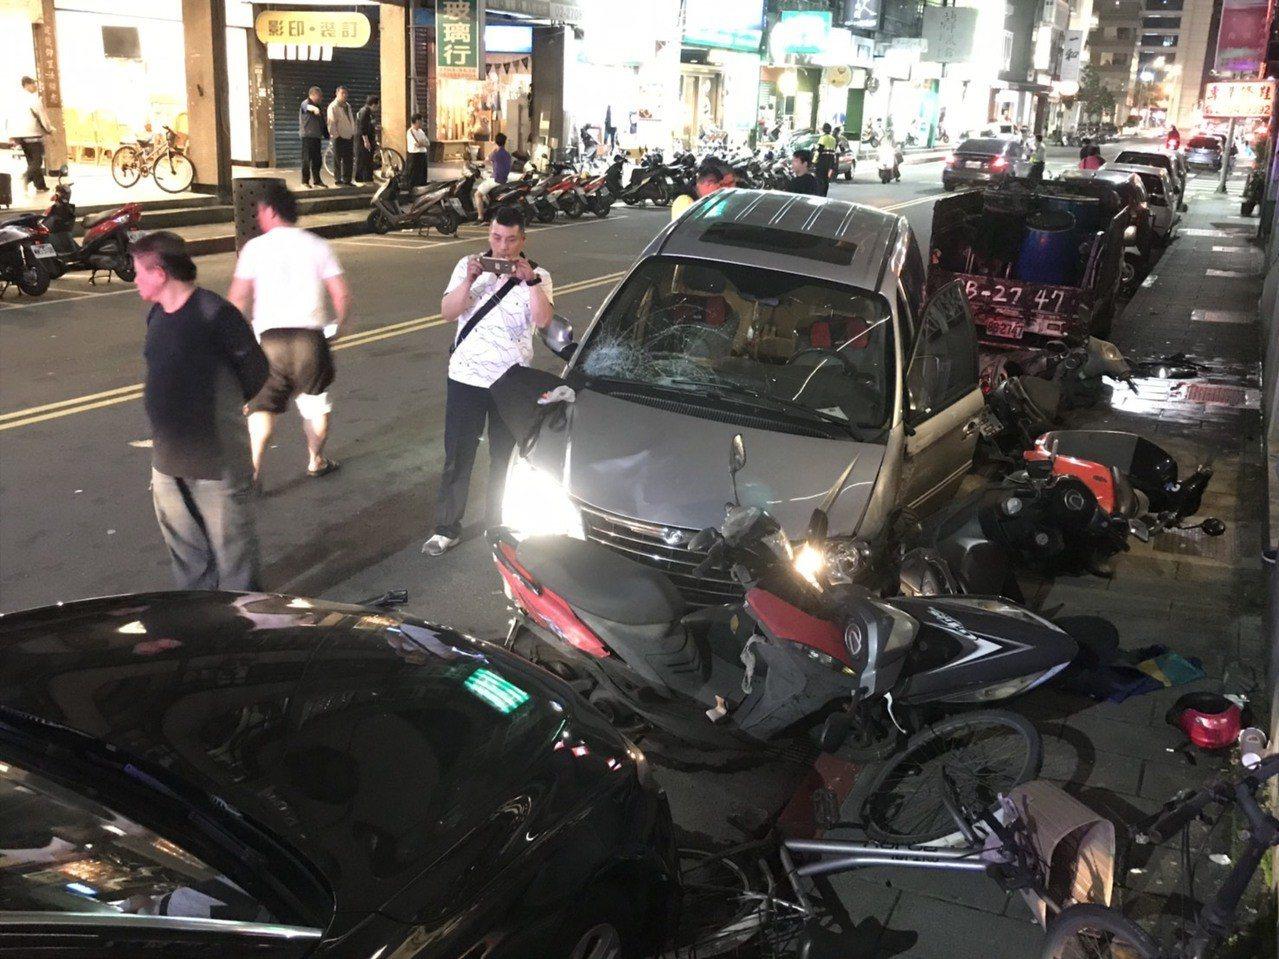 台北市大安區發生休旅車暴衝意外。圖/記者廖炳棋翻攝